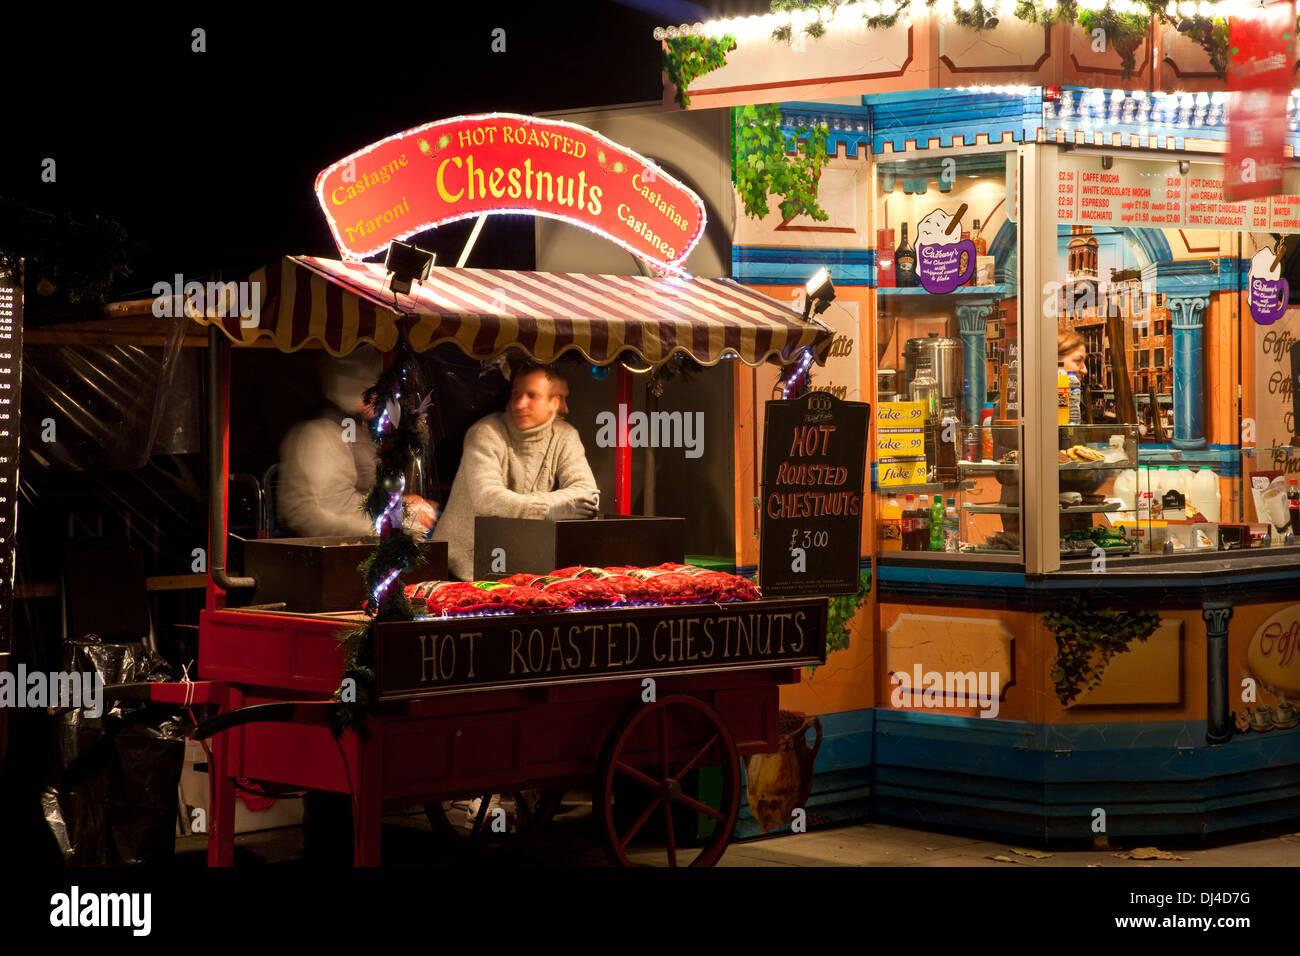 Christmas Market, The Southbank, London, England - Stock Image